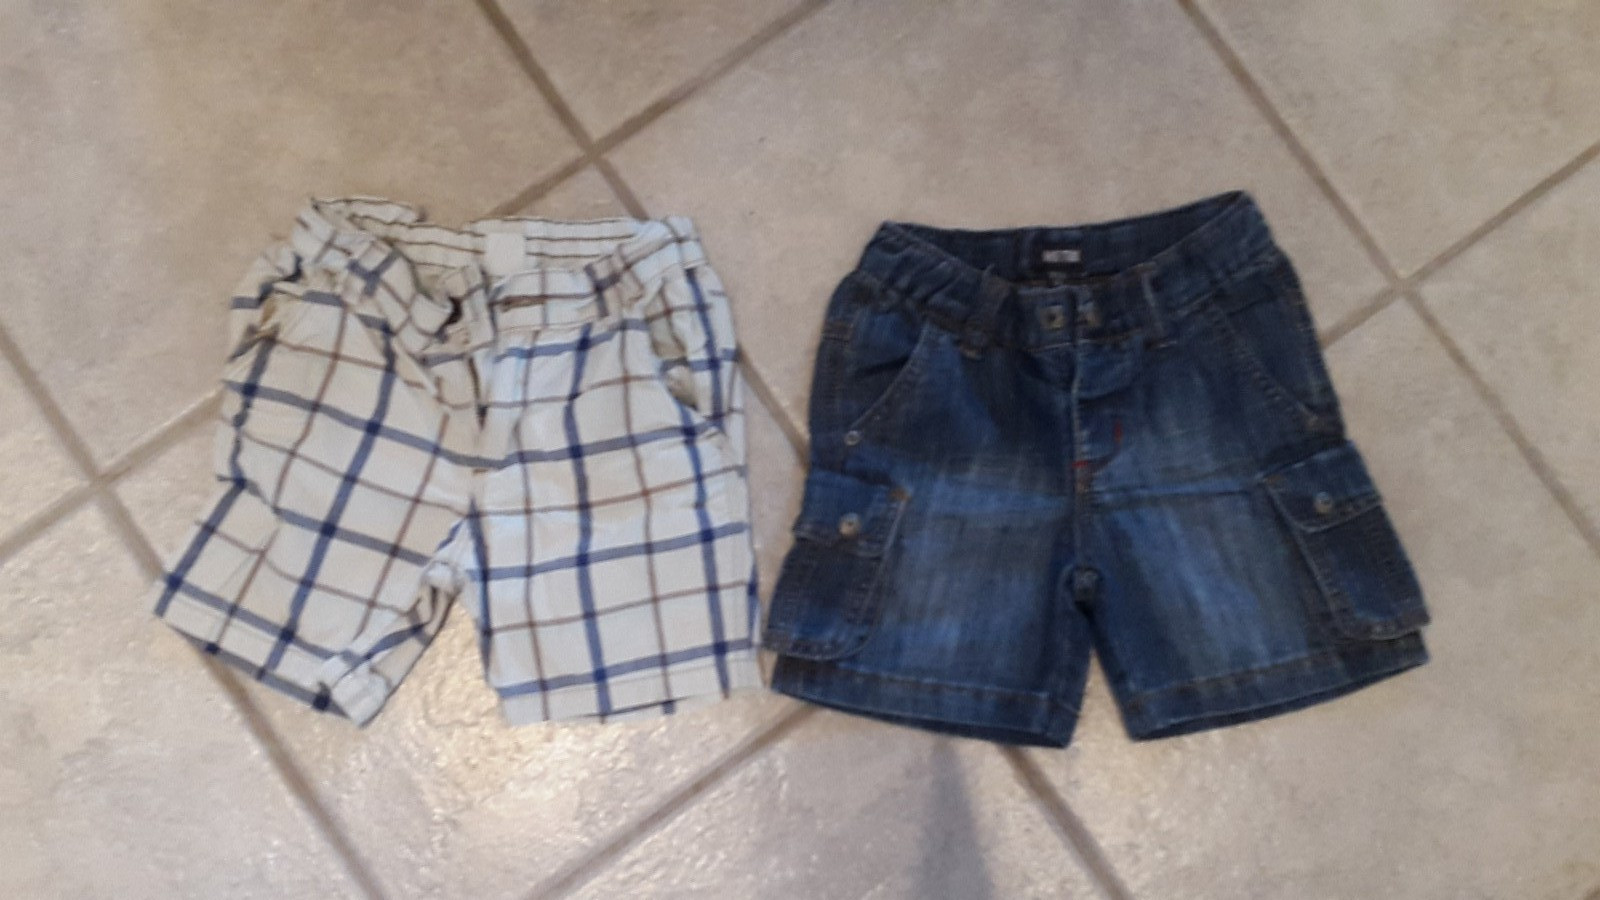 Shorts gutt str 86 - Oslo  - Shorts fra Me Too og shorts fra HM - Oslo